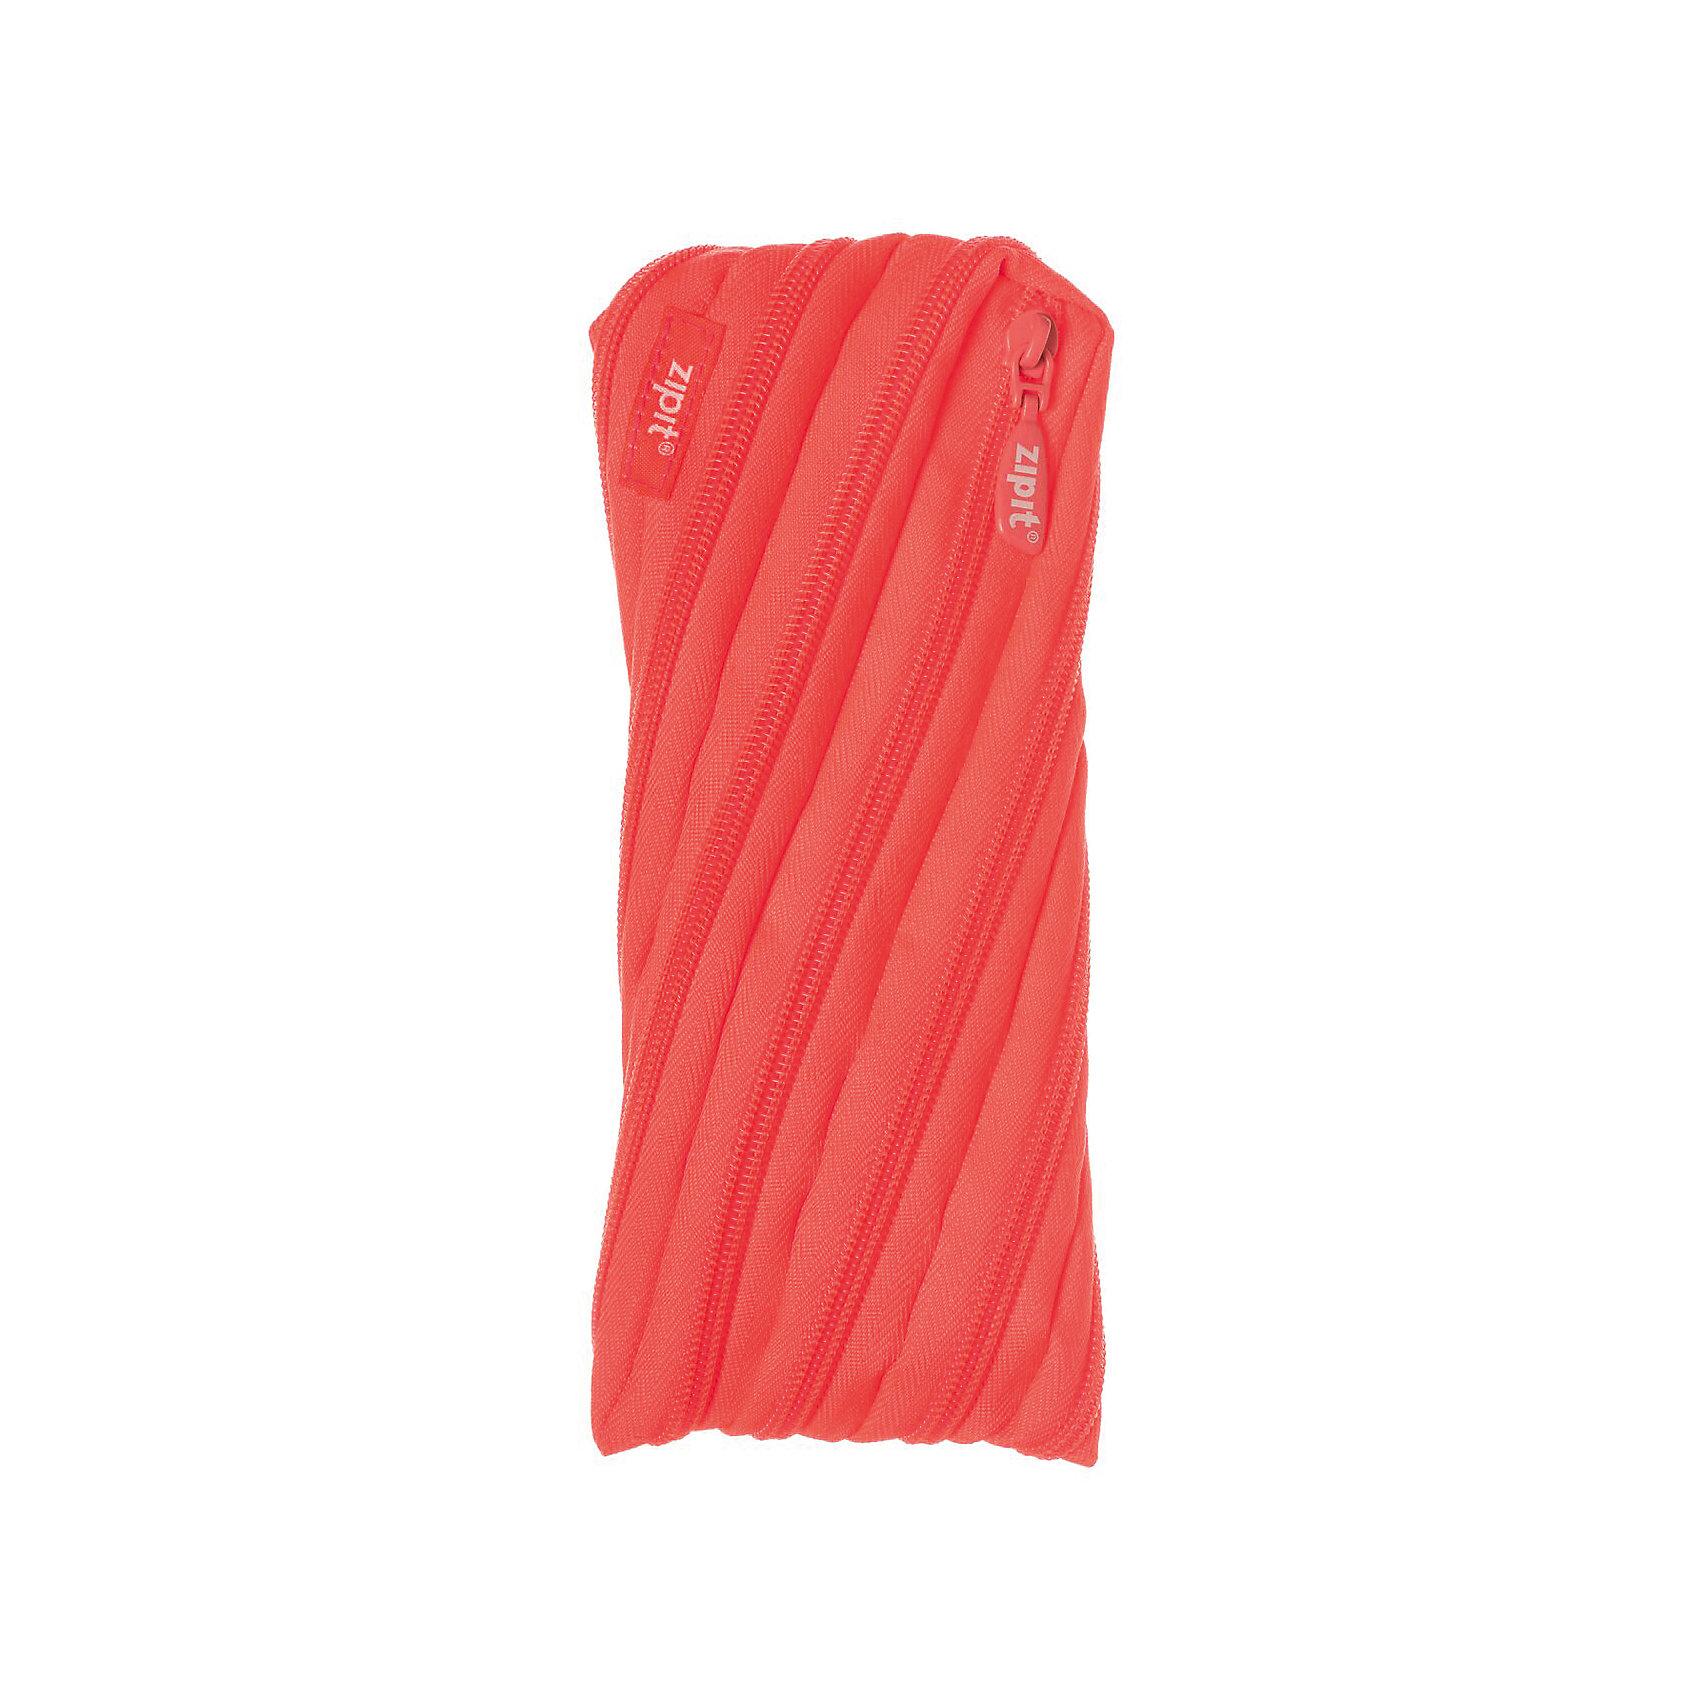 Пенал-сумочка NEON POUCH, цвет персиковыйПеналы без наполнения<br>Характеристики товара:<br><br>• цвет: персиковый;<br>• возраст: от 3 лет;<br>• вес: 0,1 кг;<br>• размер: 22х2х10 см;<br>• одно отделение на молнии;<br>• изготовлен из длинной молнии;<br>• молнию можно полностью расстегнуть;<br>• необычный дизайн; <br>• материал: полиэстер;<br>• страна бренда: США;<br>• страна изготовитель: Китай.<br><br>Zipit пенал-сумочка «Neon Pouch» - удобен для разных мелочей и для пишущих принадлежностей. Изготовлен из 1 длинной молнии. <br><br>Пенал-сумочка «Neon Pouch» можно купить в нашем интернет-магазине.<br><br>Ширина мм: 220<br>Глубина мм: 20<br>Высота мм: 100<br>Вес г: 100<br>Возраст от месяцев: 36<br>Возраст до месяцев: 720<br>Пол: Унисекс<br>Возраст: Детский<br>SKU: 7054172